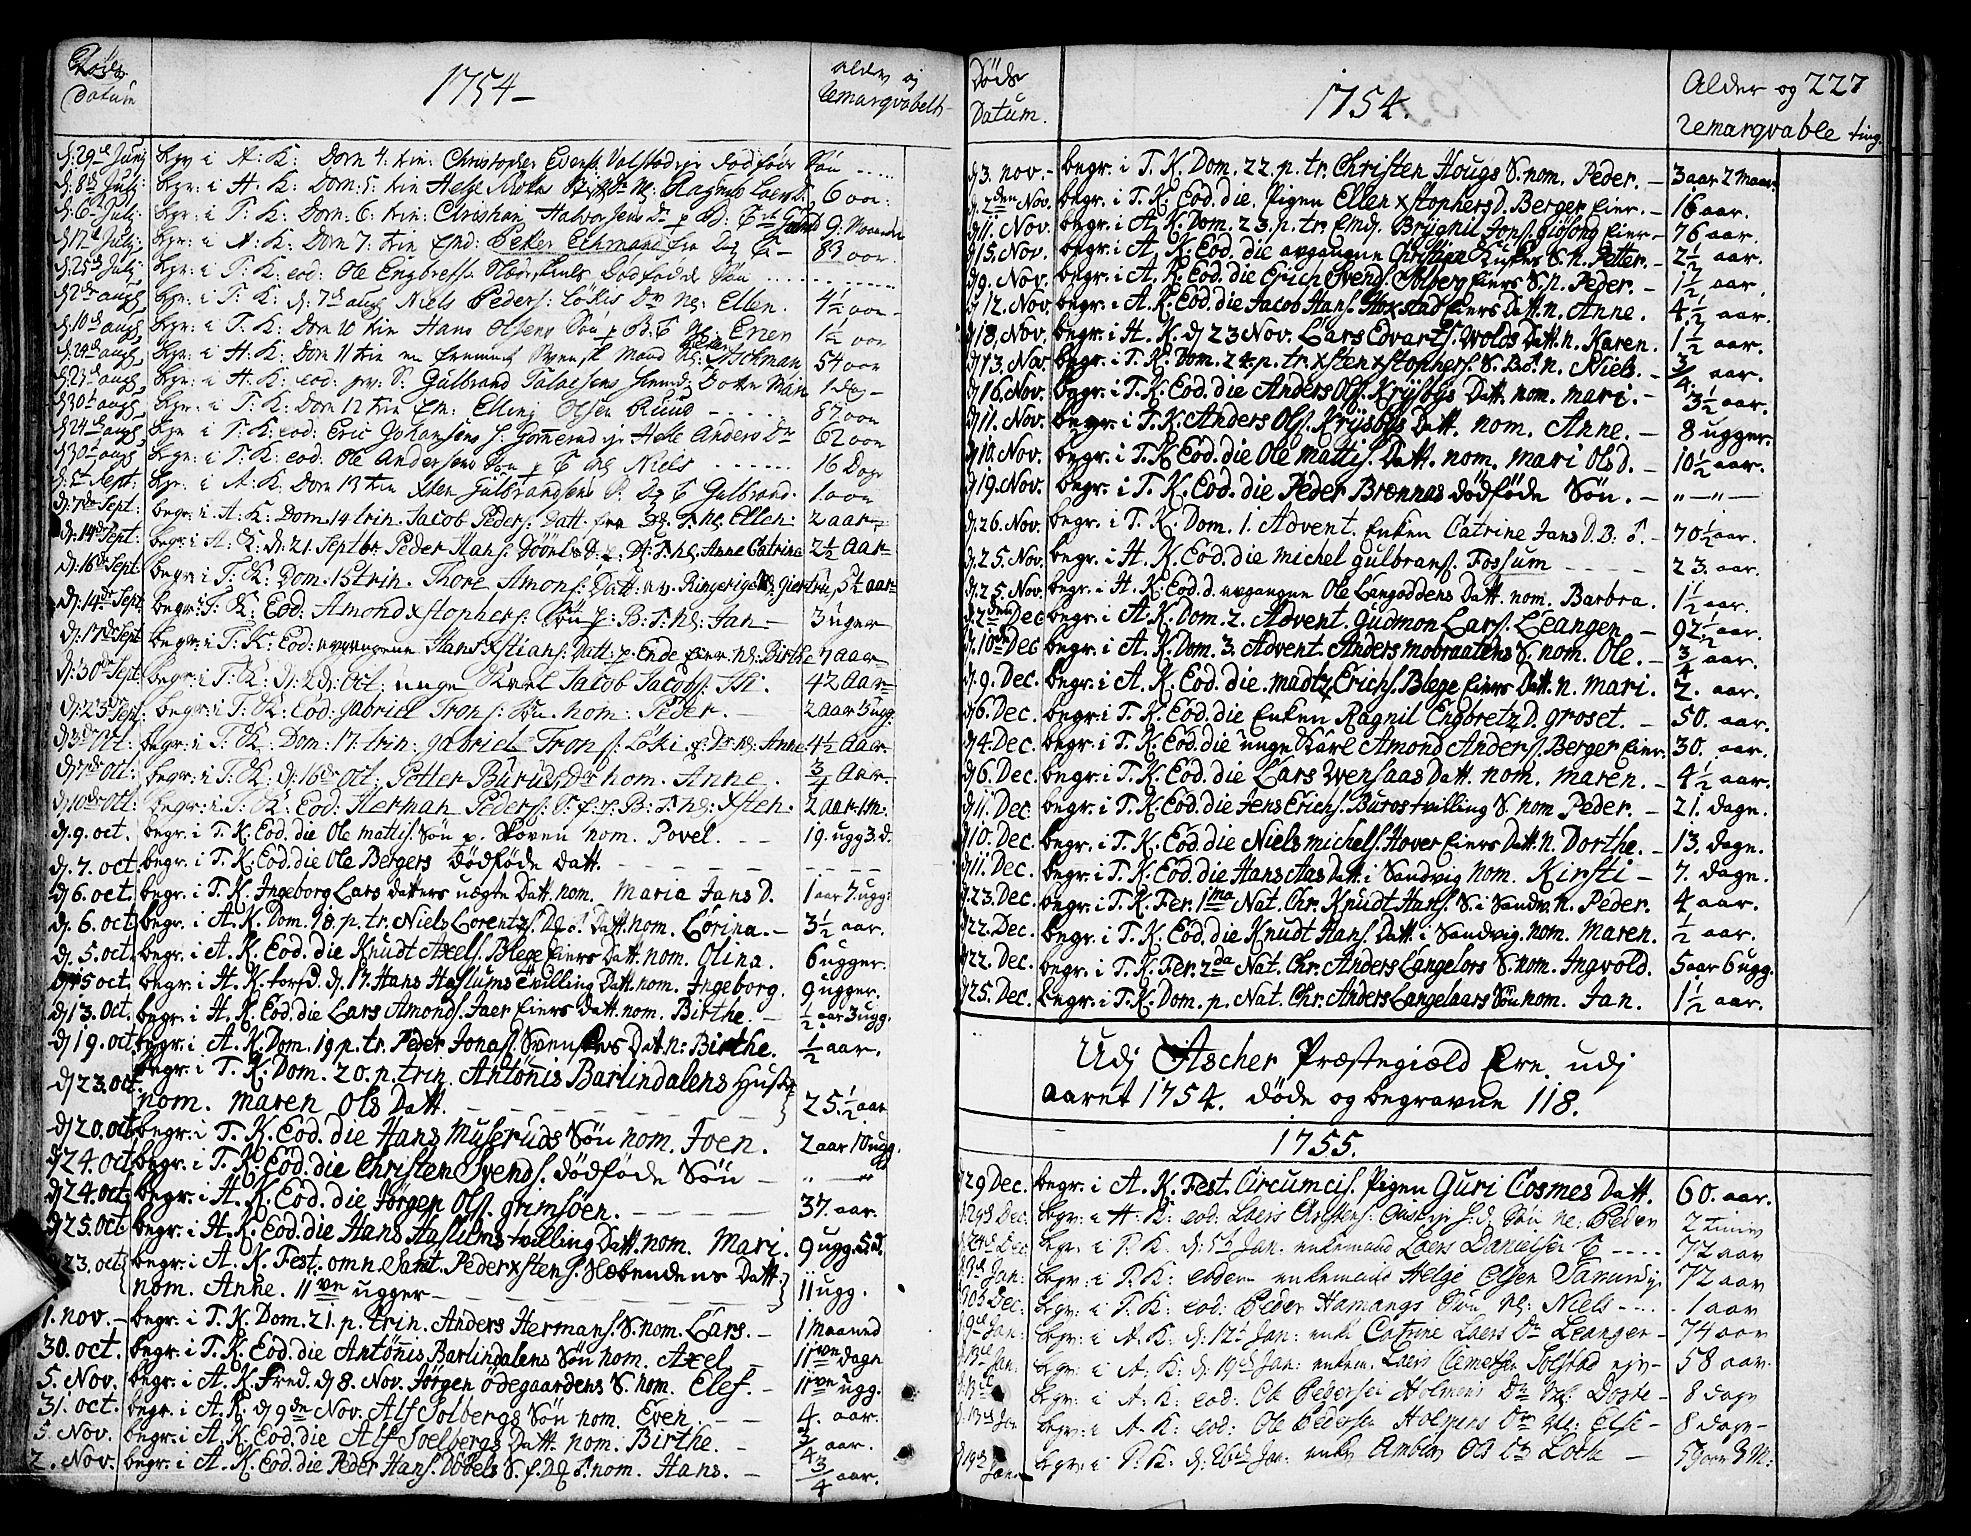 SAO, Asker prestekontor Kirkebøker, F/Fa/L0002: Ministerialbok nr. I 2, 1733-1766, s. 227